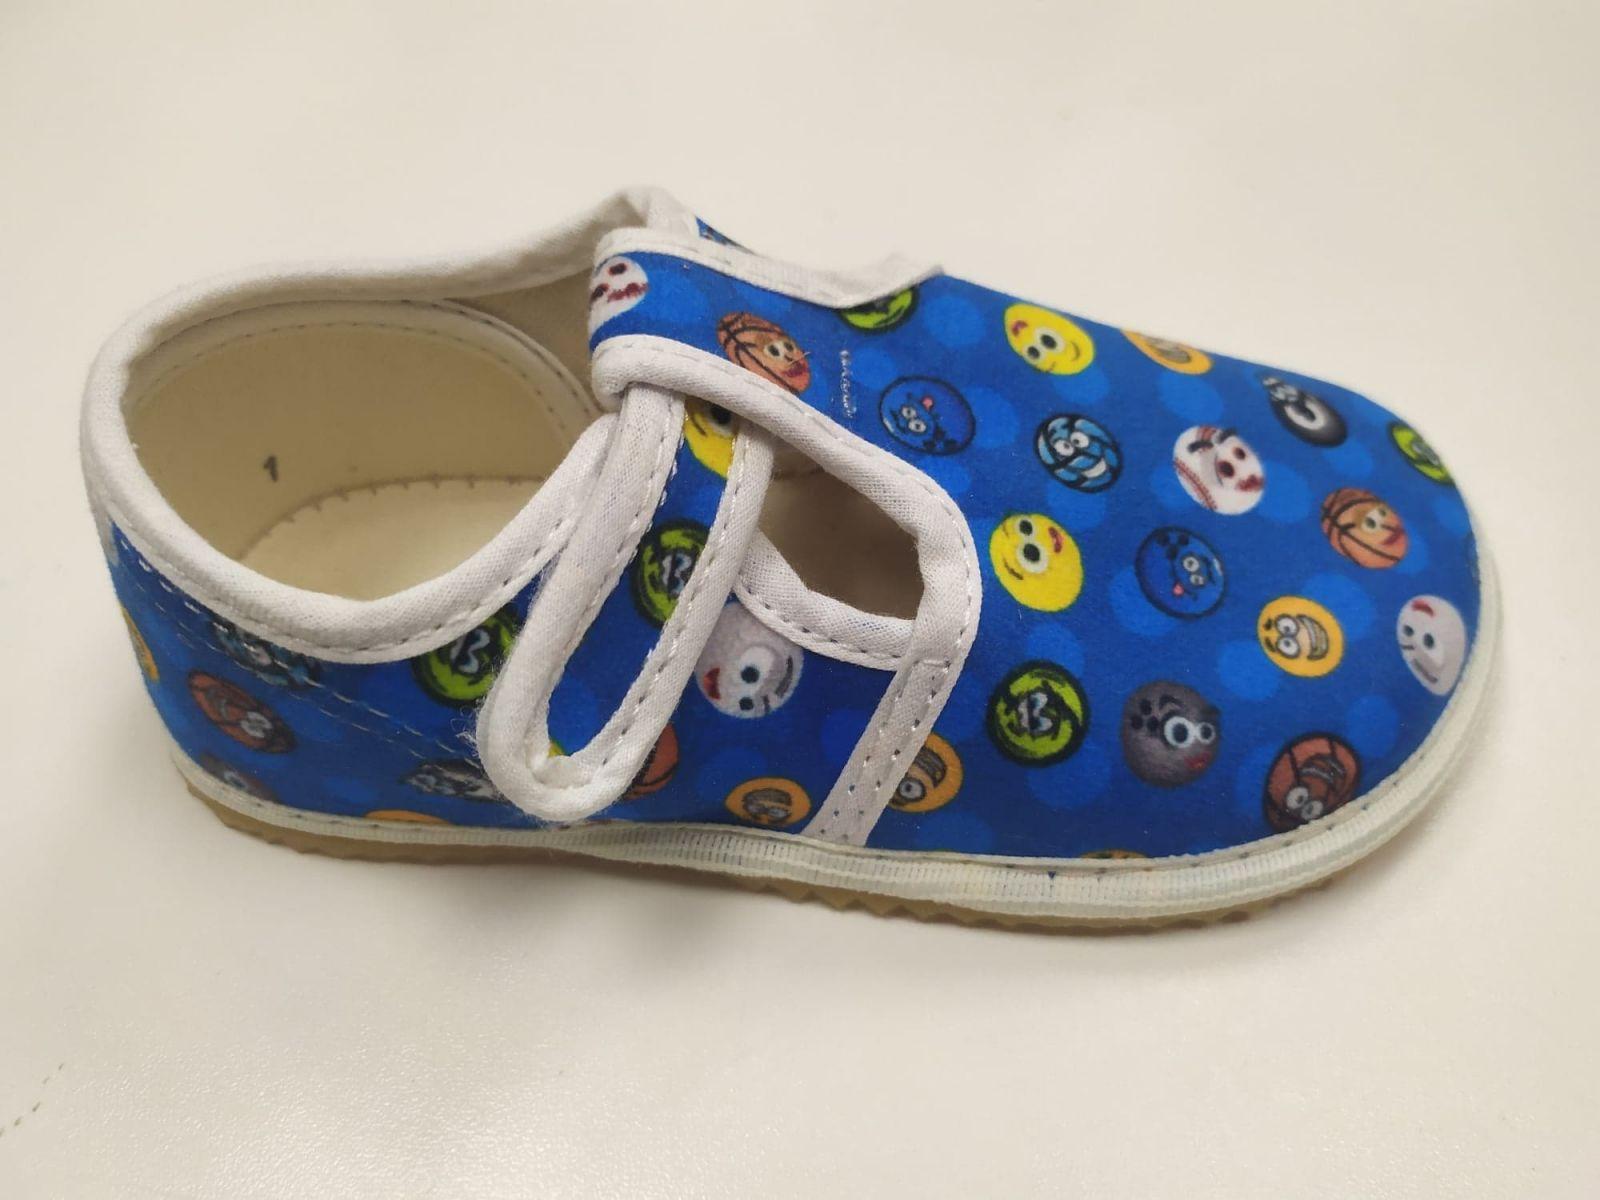 Barefoot Jonap papučky modré s míčky bosá